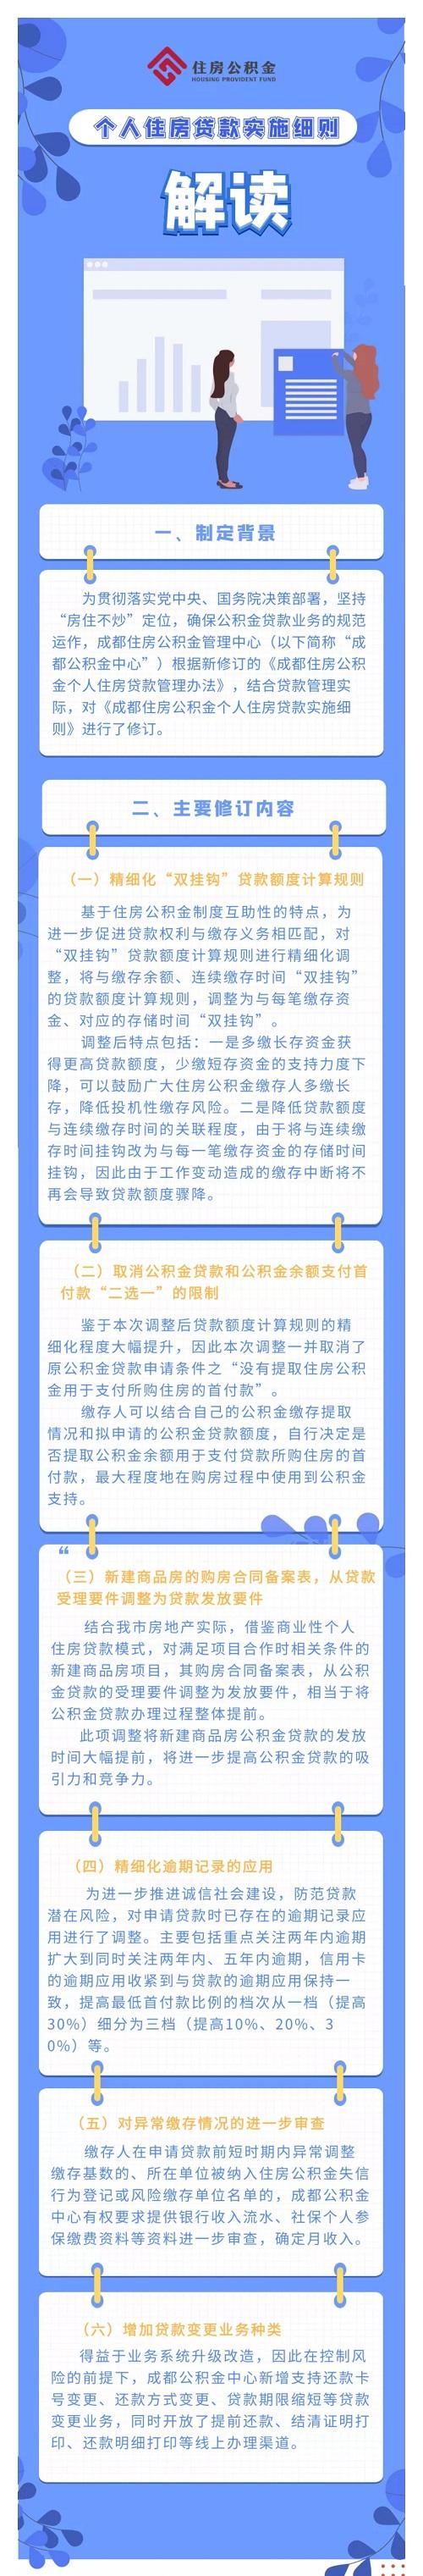 網頁捕獲_17-9-2021_141020_mp.weixin.qq.com.jpeg